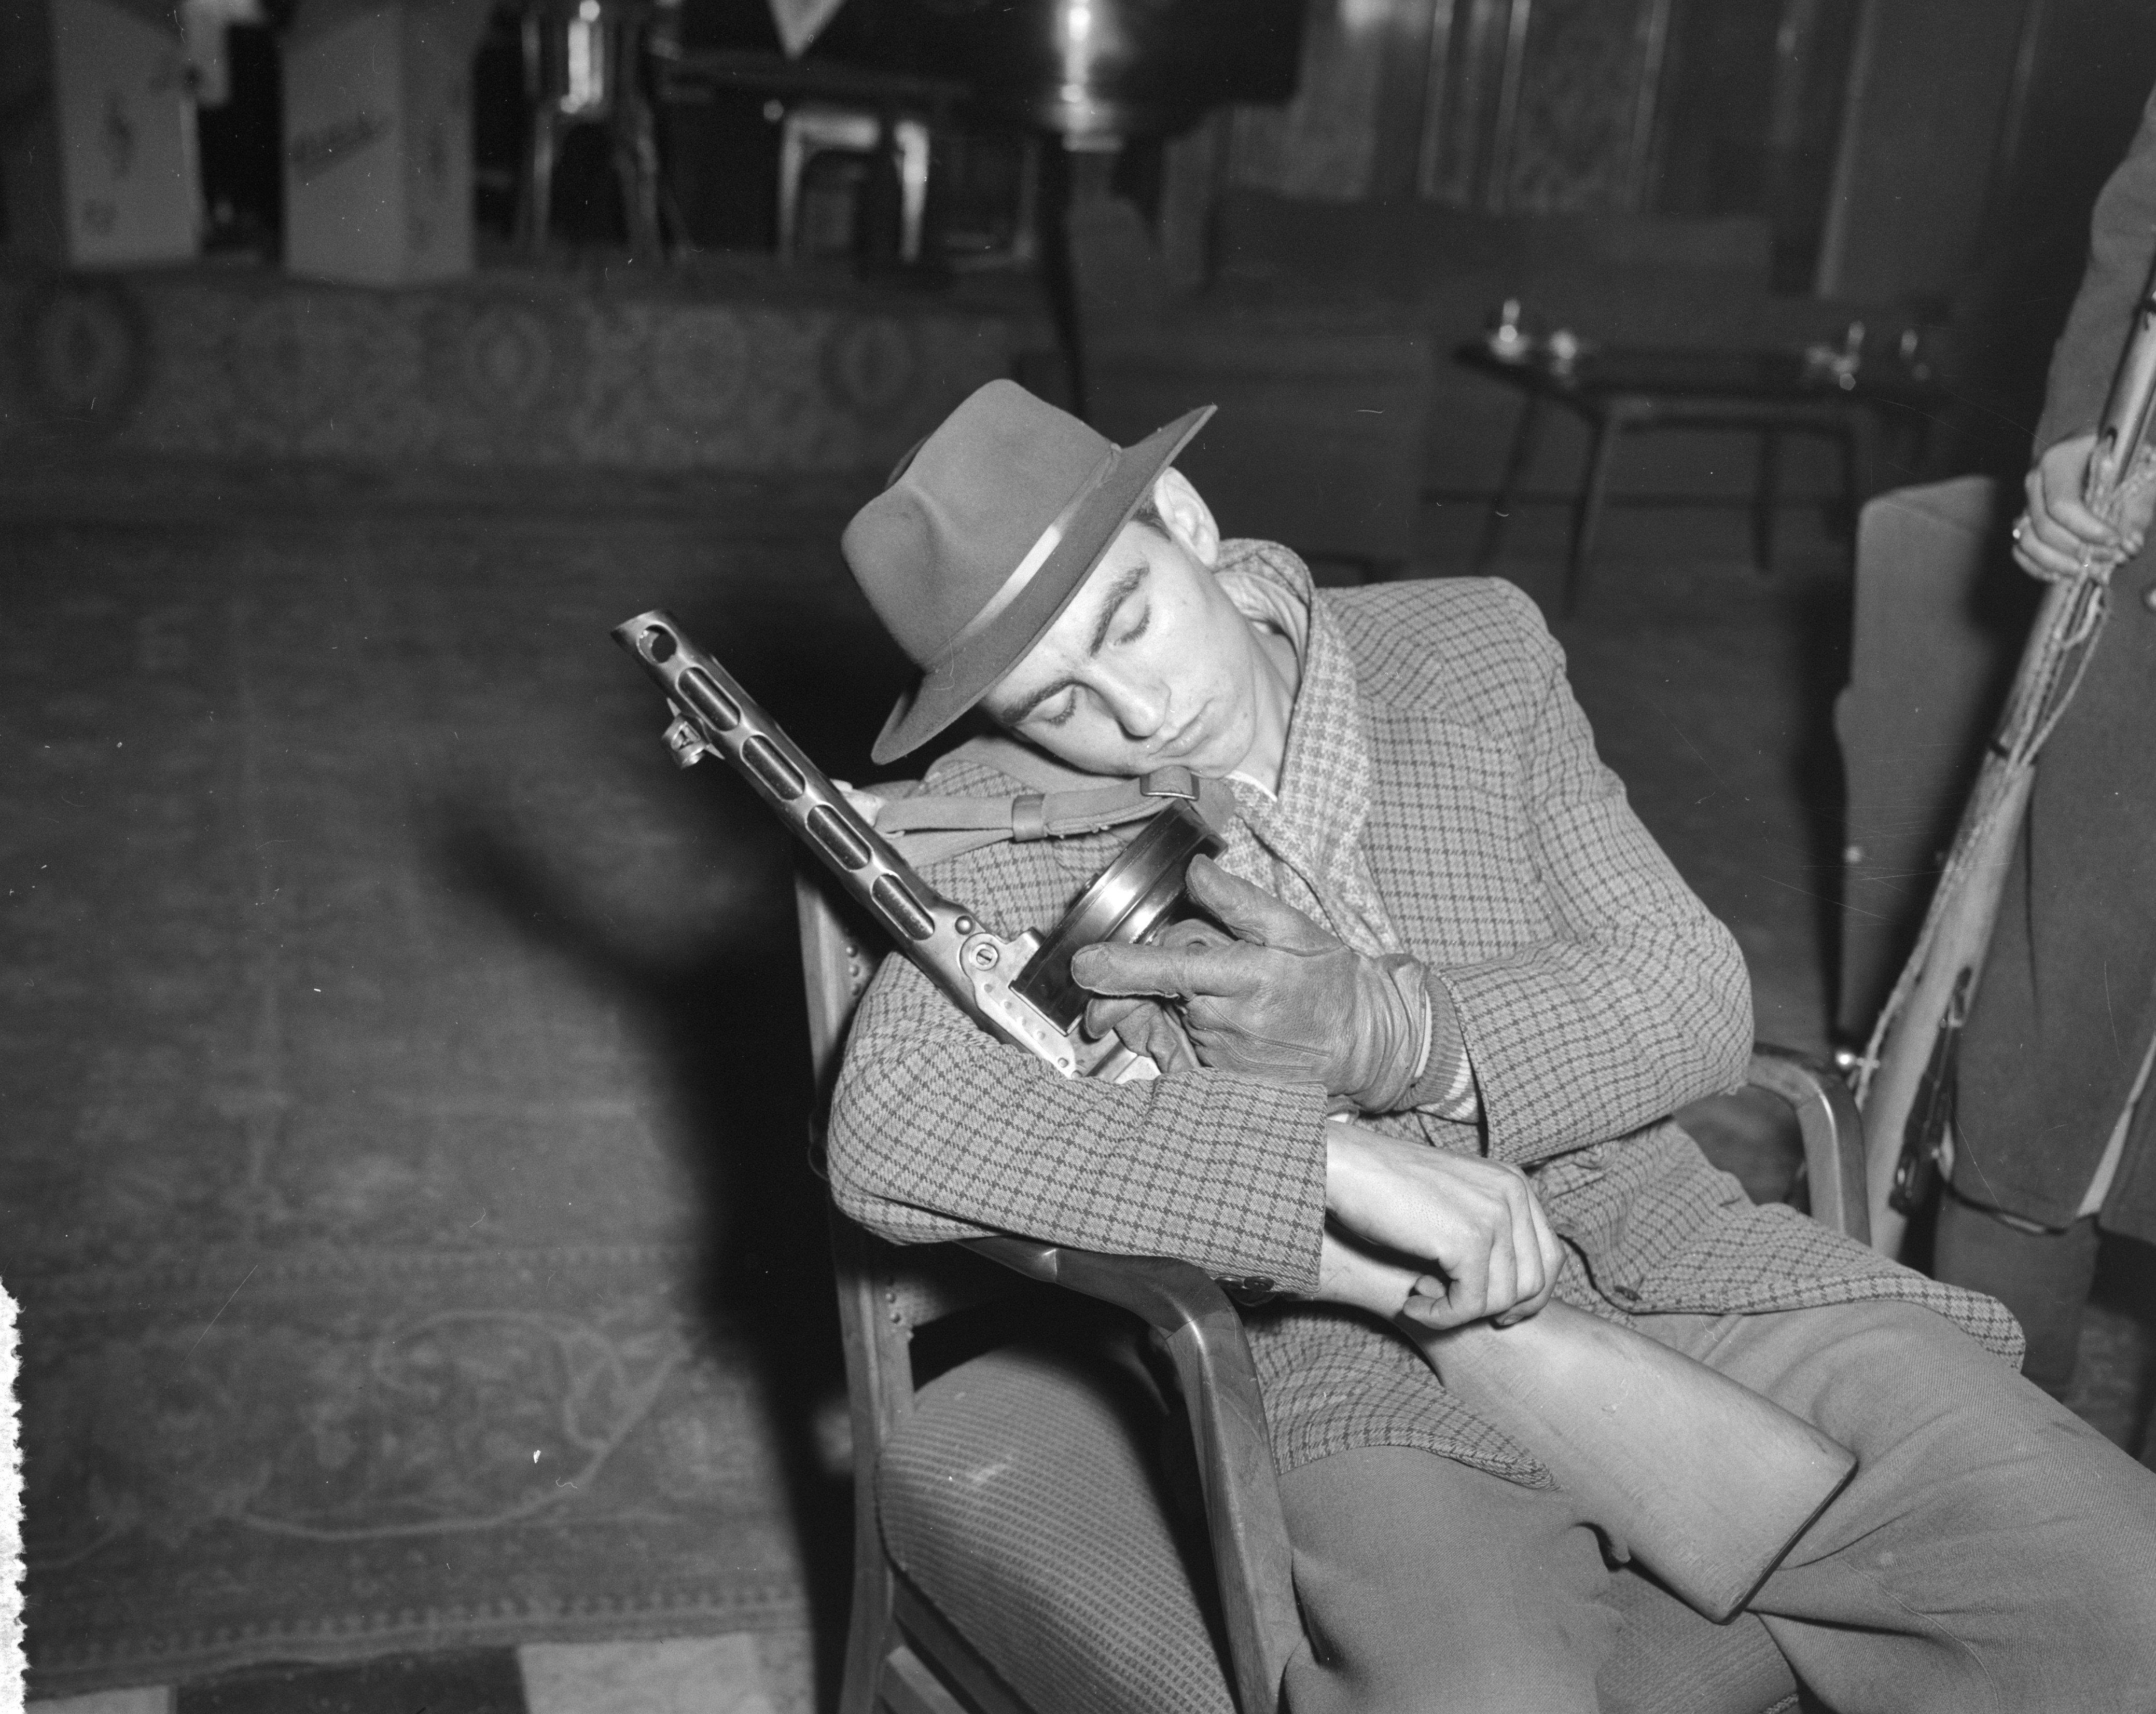 Utolsó képek Budapestről sorozat – Tizennégy éves alvó forradalmár, '56 november 2. Fotó: Joop van Bilsen/ Anefo